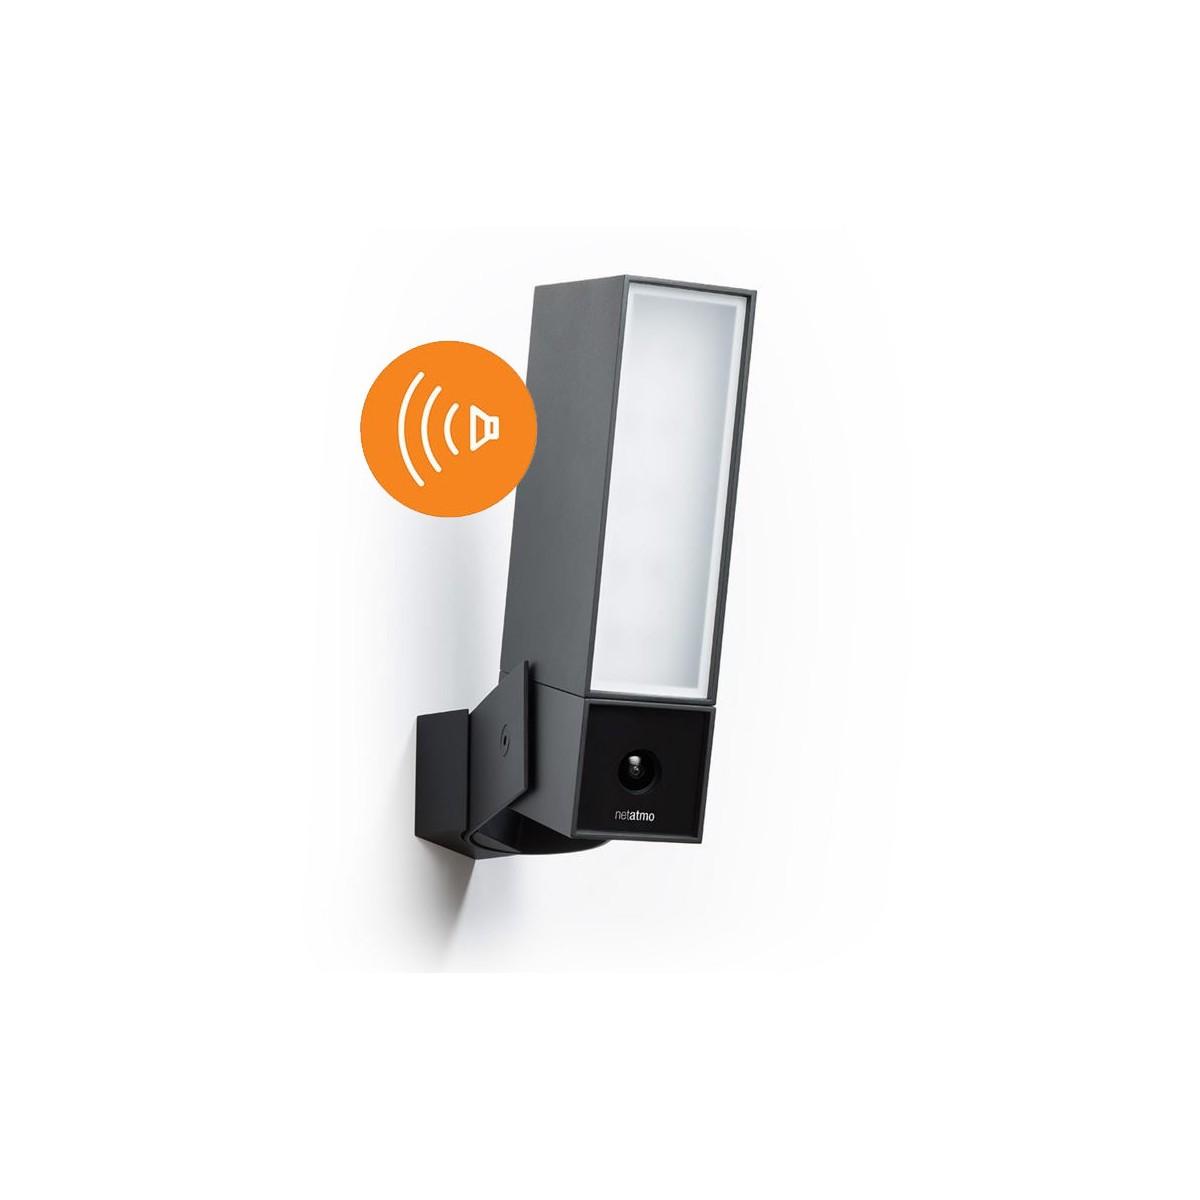 Smart buitencamera met sirene SMART OUTDOOR CAMERA WITH SIREN